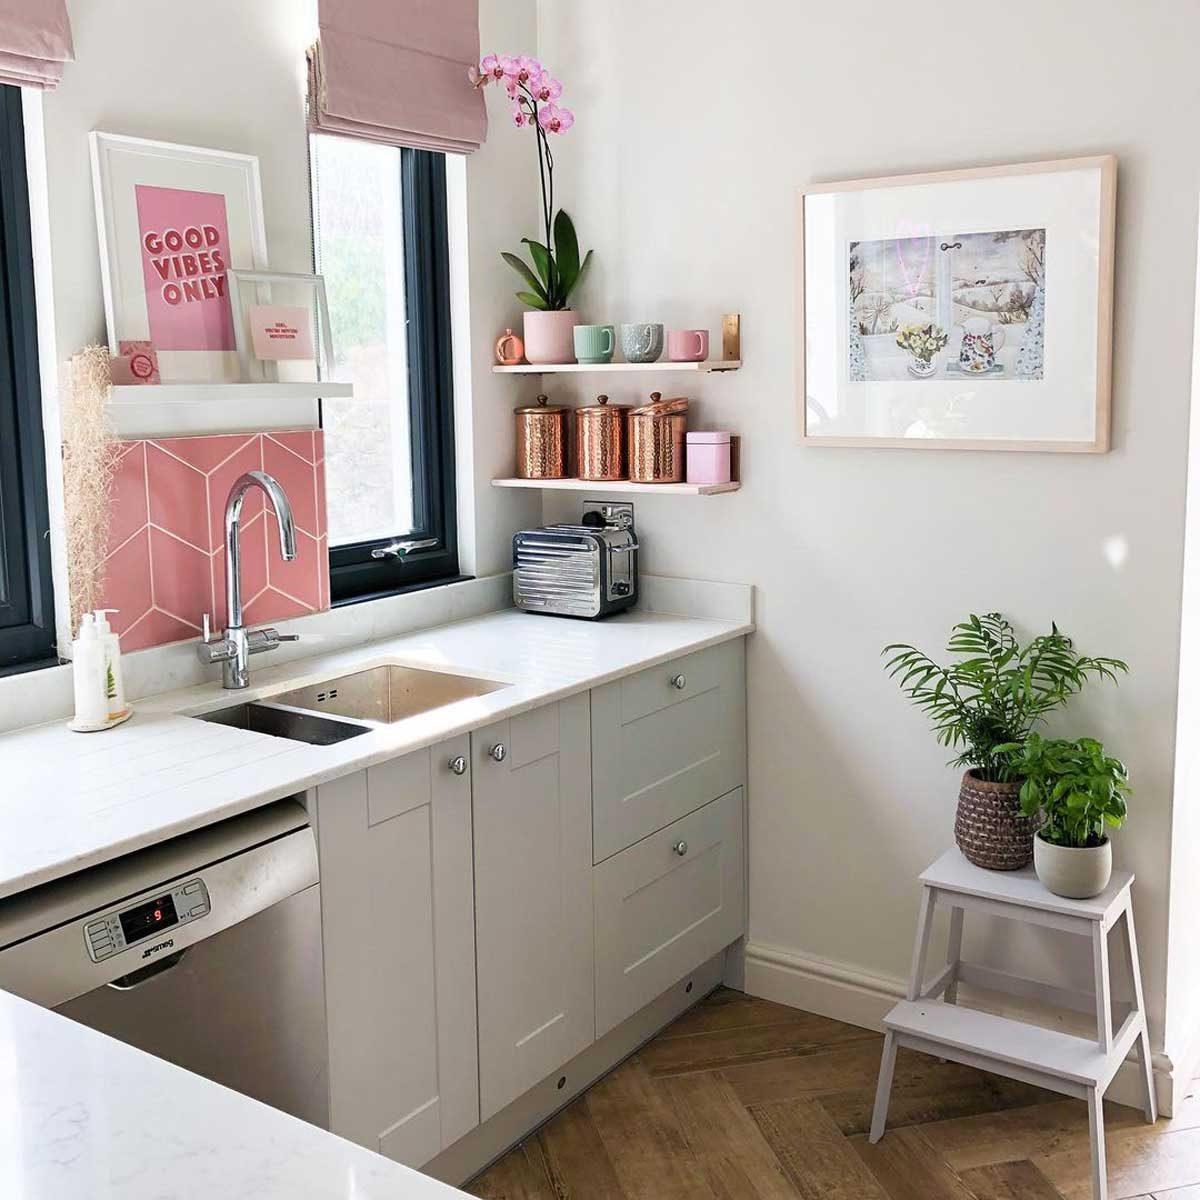 Kitchen with pink artwork